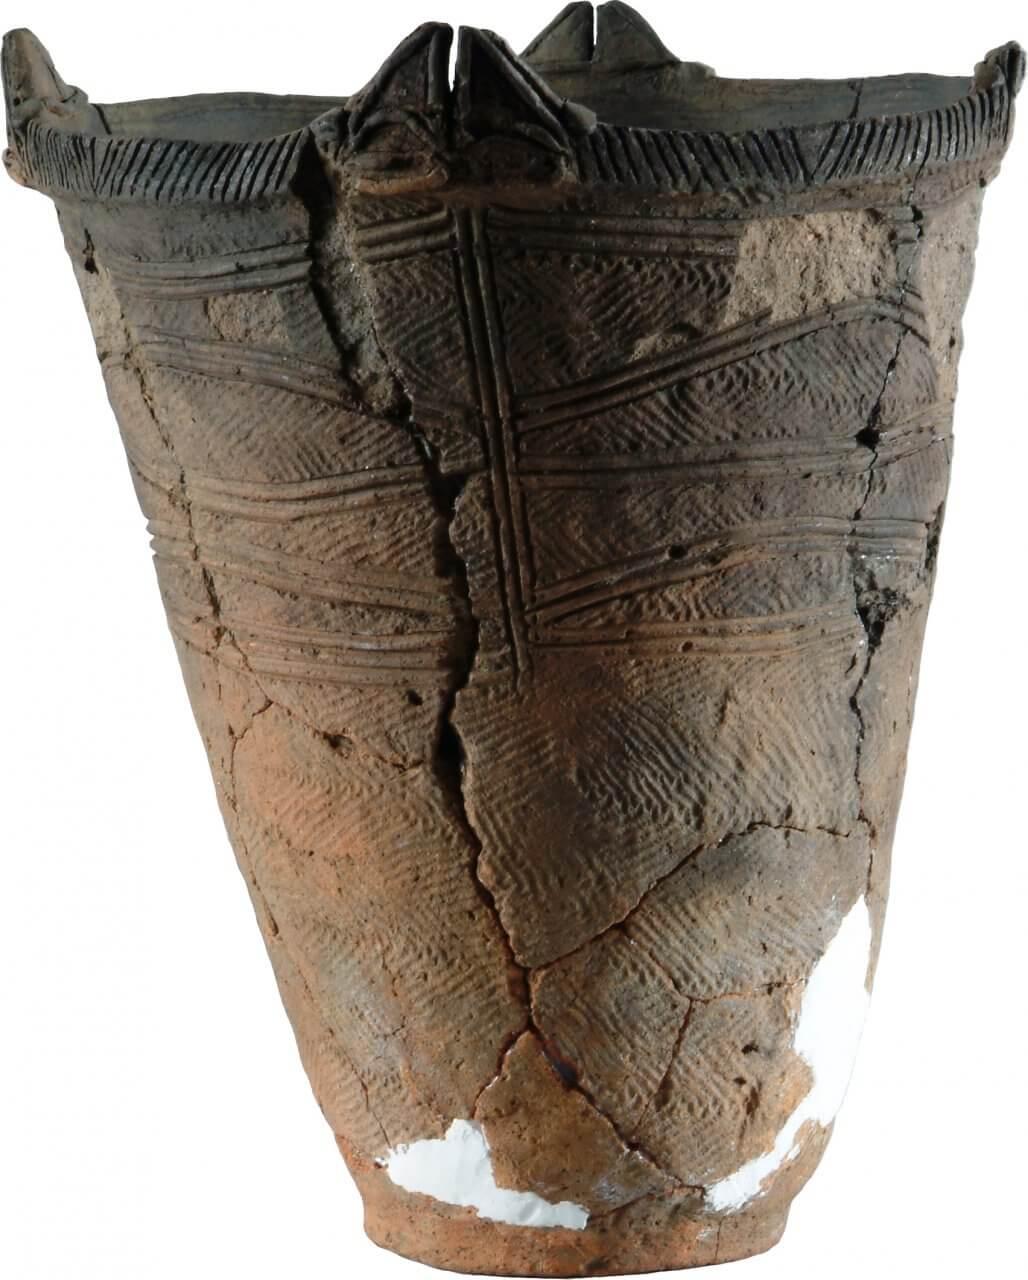 深鉢形土器 円筒上層e式(石手洗遺跡出土)